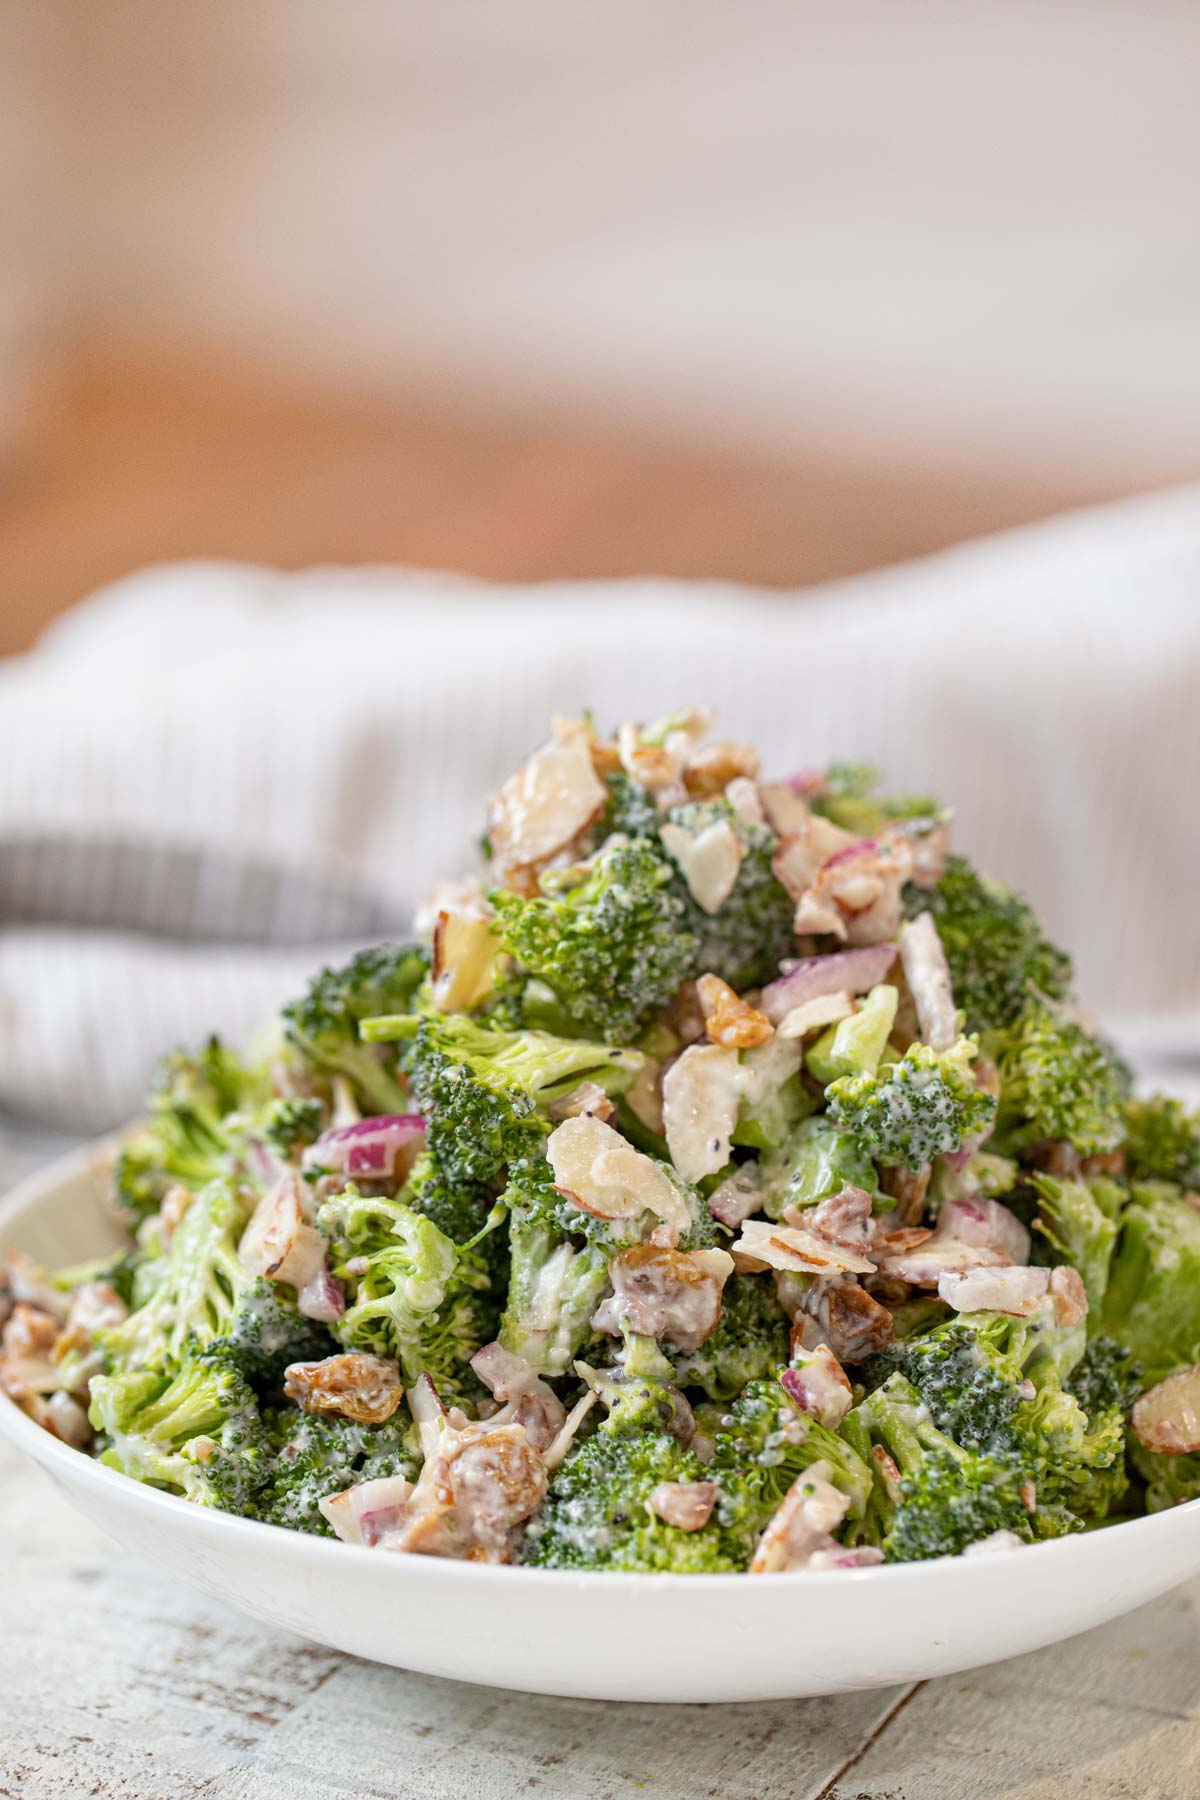 Healthy Greek Yogurt Broccoli Salad in white bowl